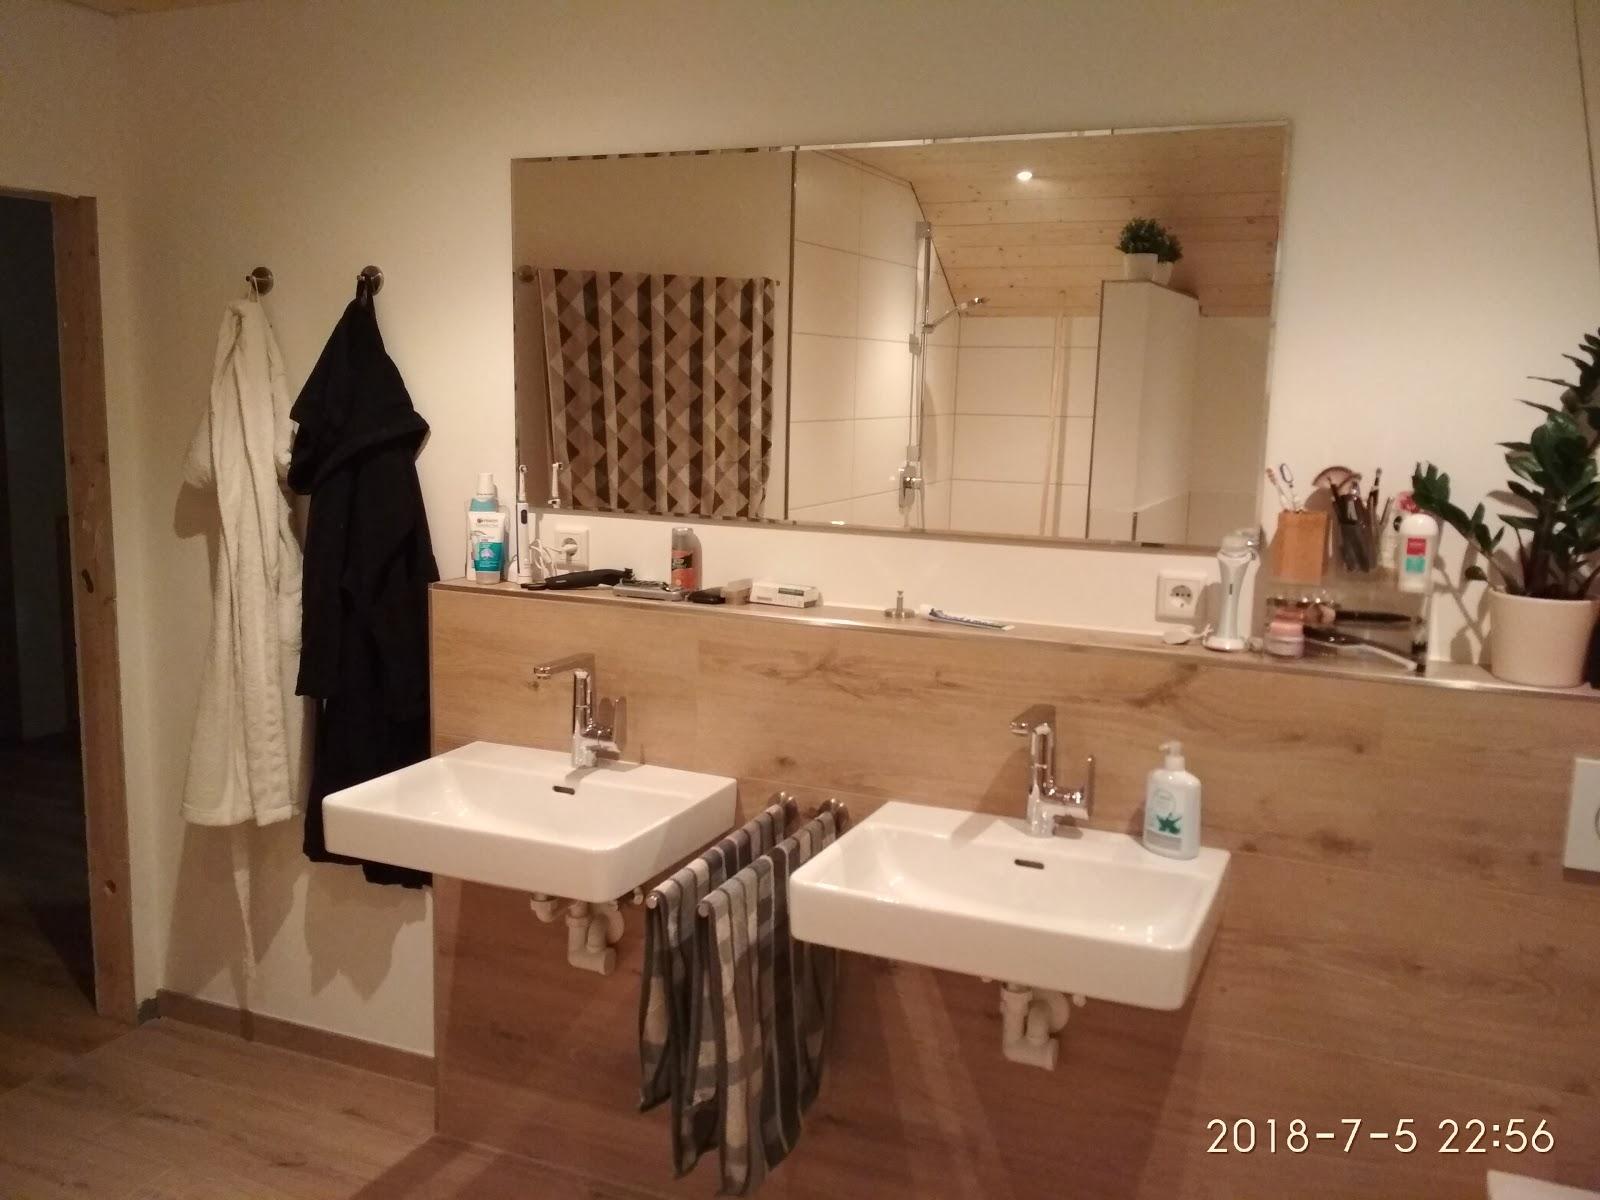 Wir bauen ein Holzhaus: Einrichtung von Bad+WC